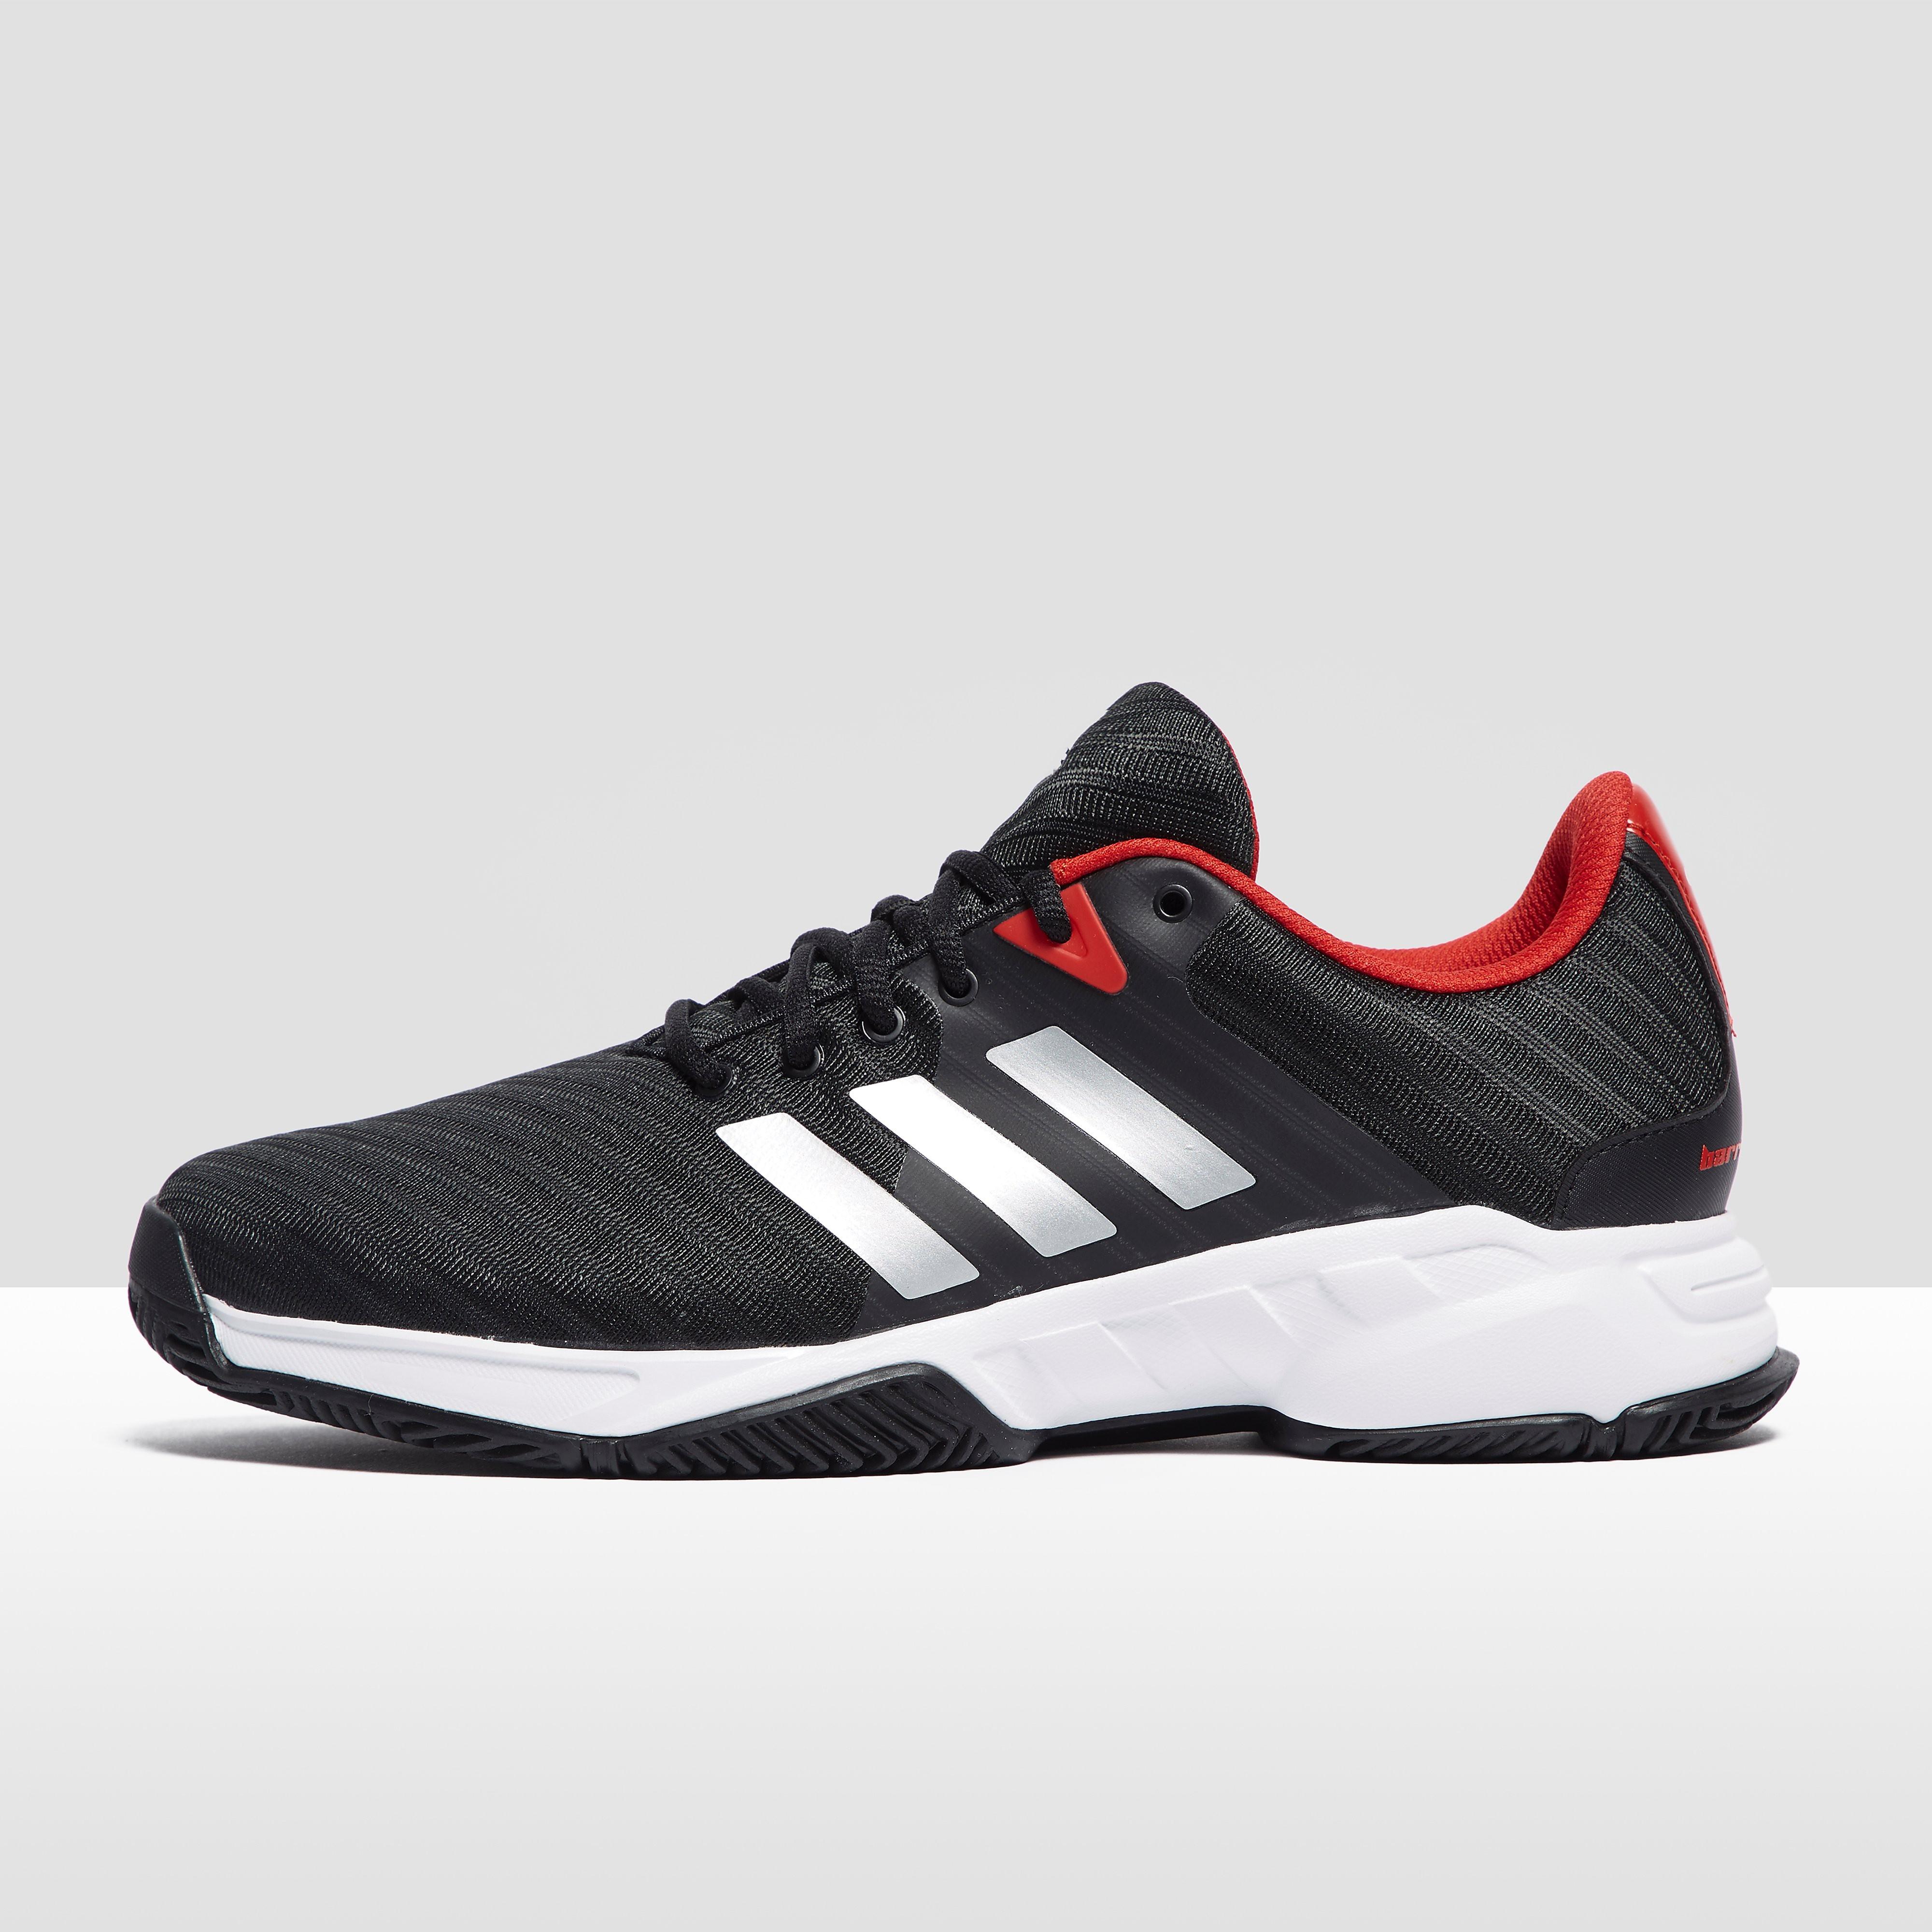 adidas Barricade Court 3 All Court Men's Tennis Shoes